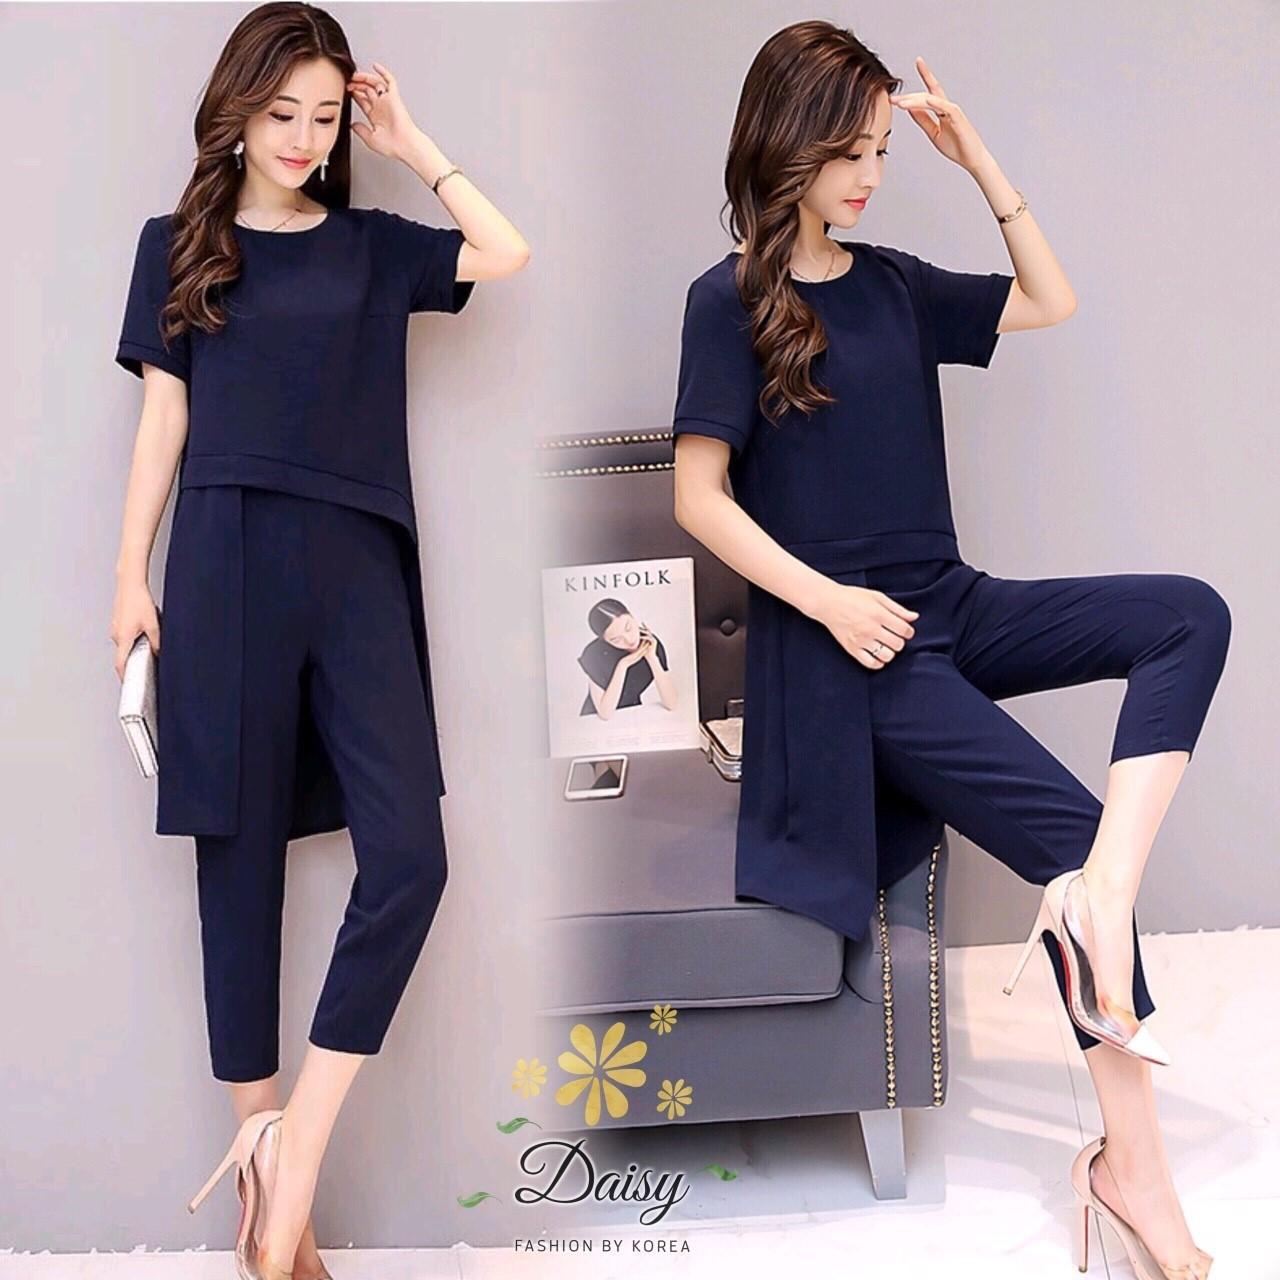 เสื้อเกาหลี +กางเกงขาสี่ส่วน หน้าสั้นหลังยาว พร้อมส่ง